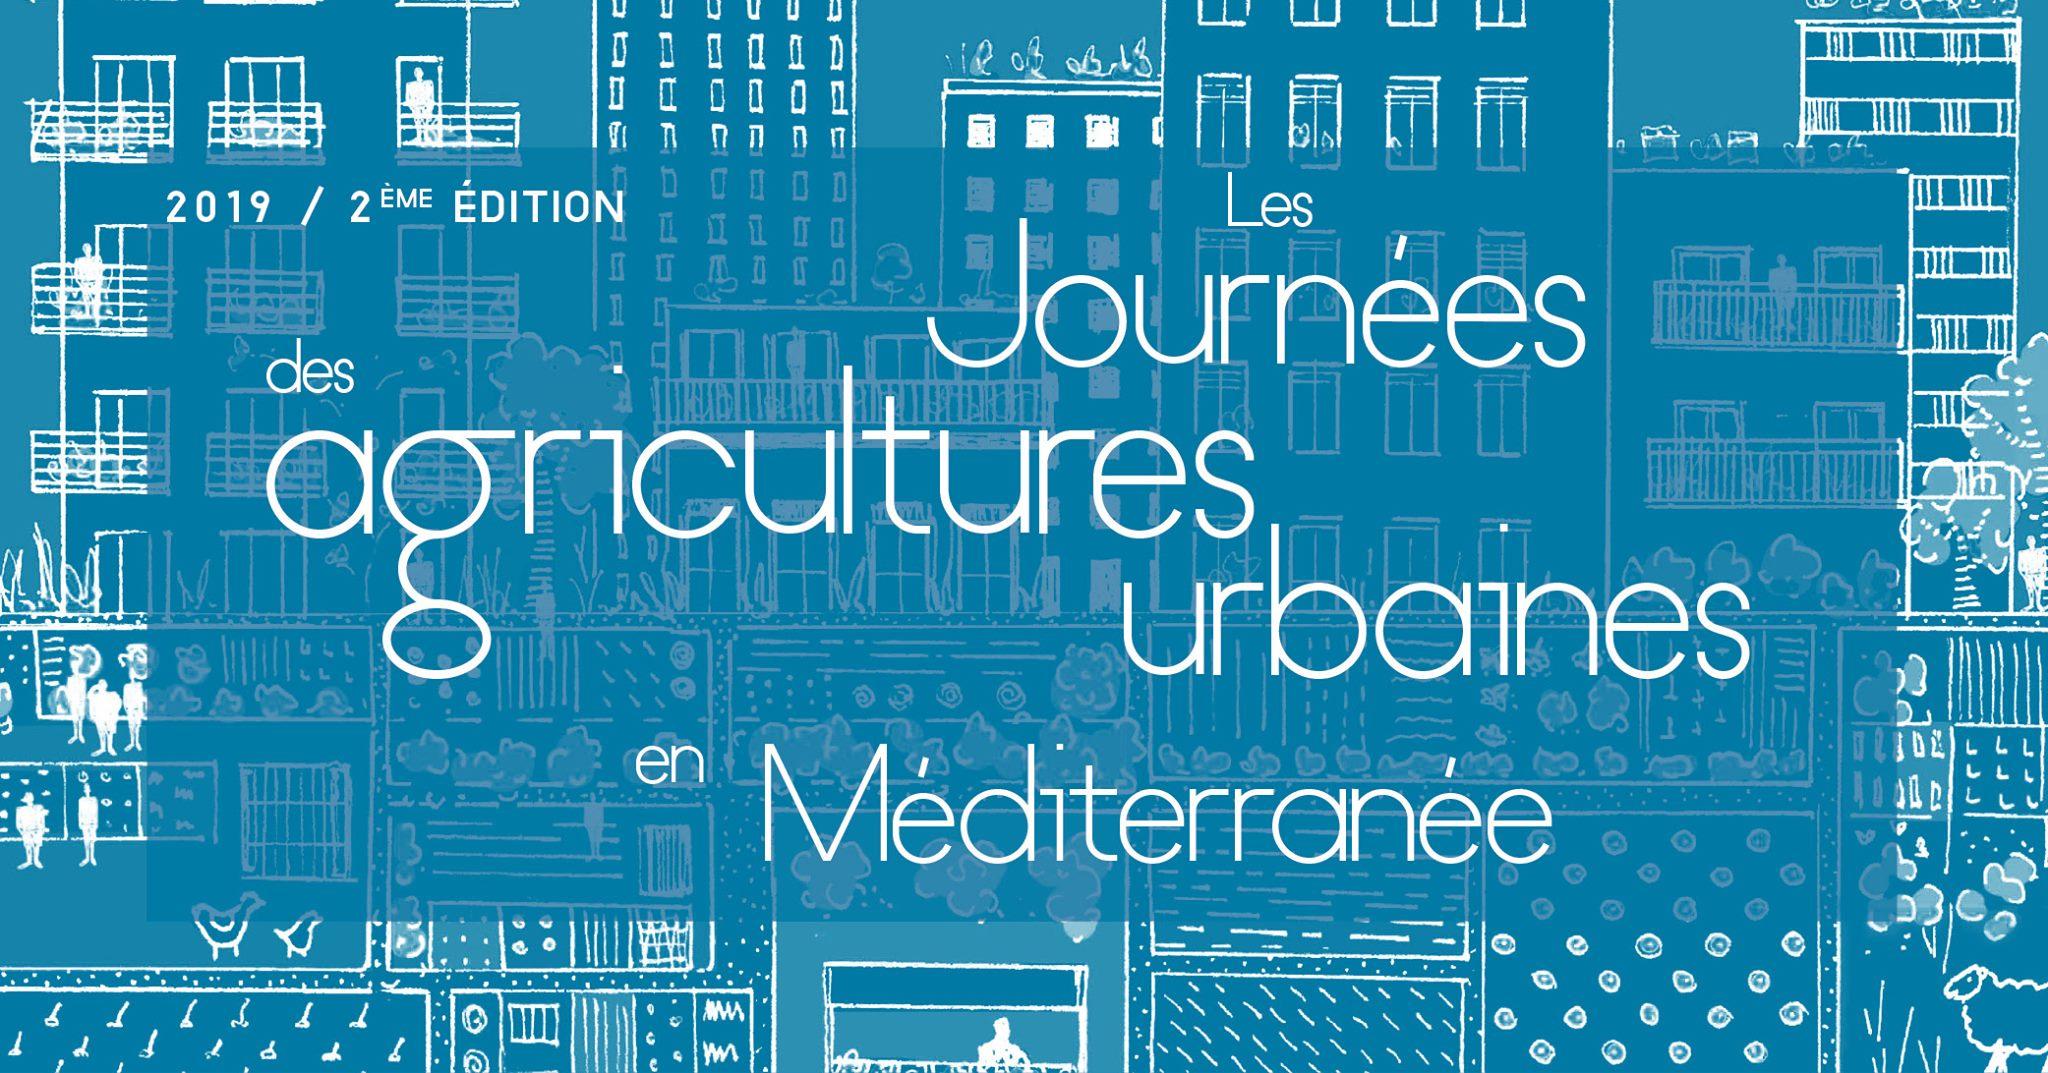 Le Compte-rendu des Journées des Agricultures Urbaines en Méditerranée 2019